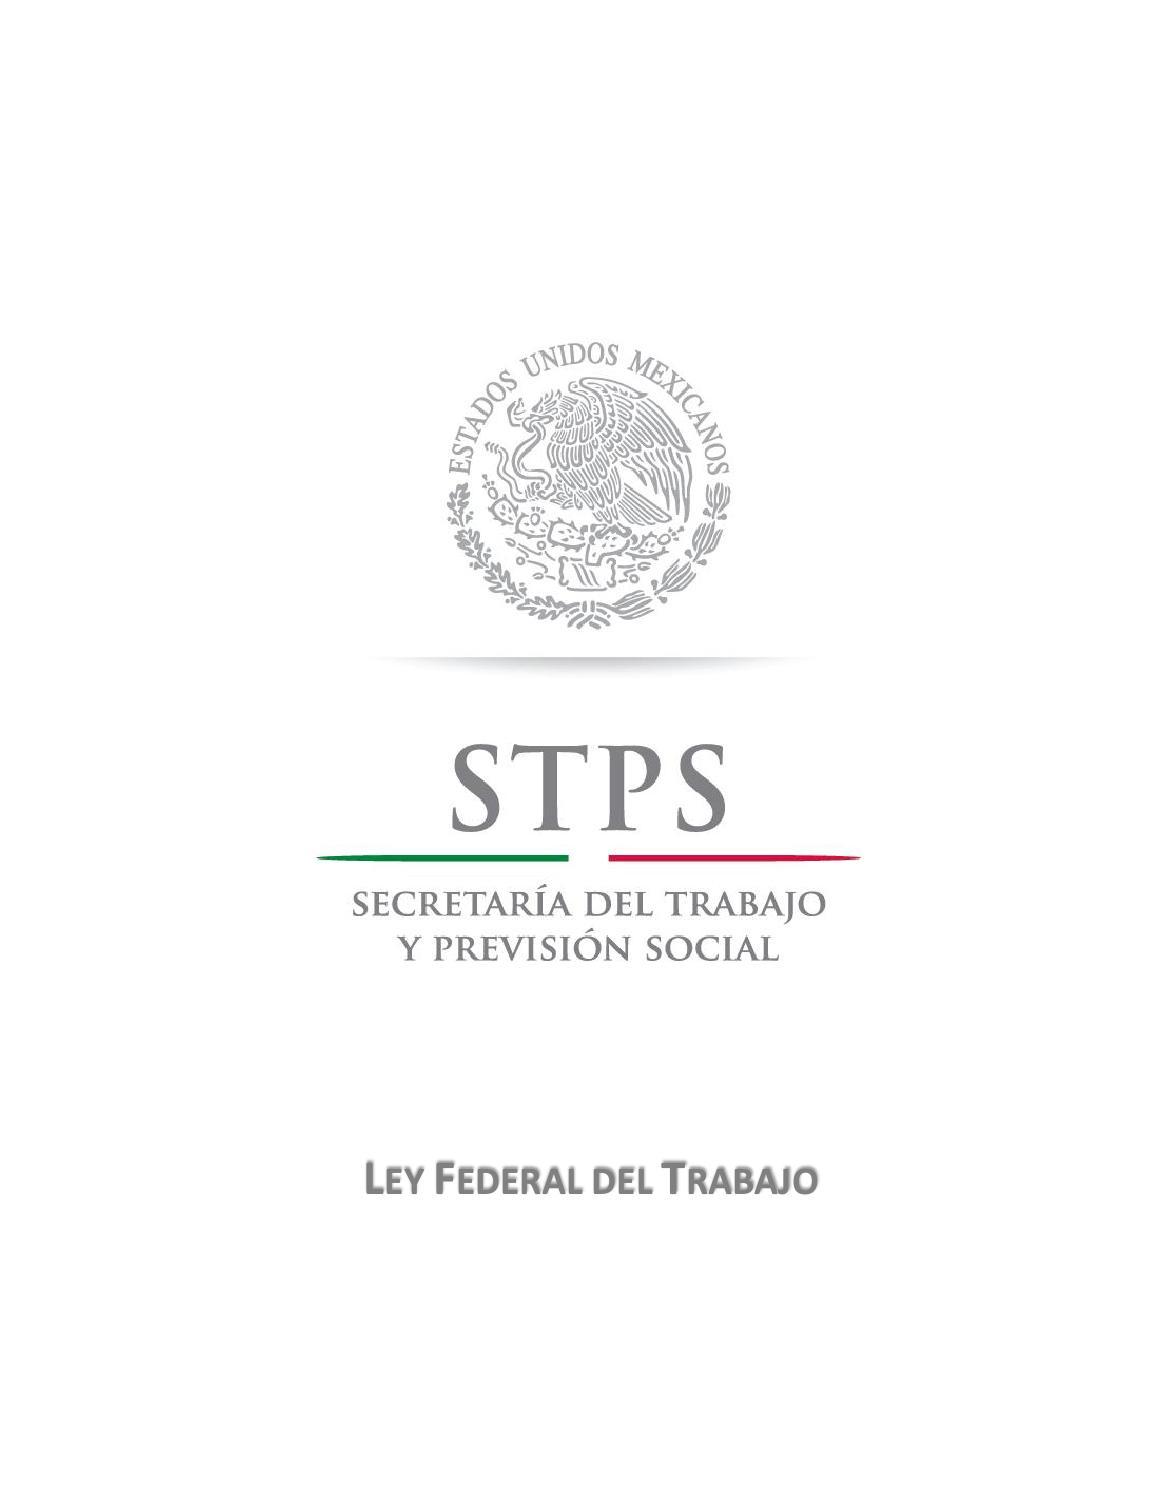 Ley federal del trabajo by Ismael Rodríguez Arias - issuu